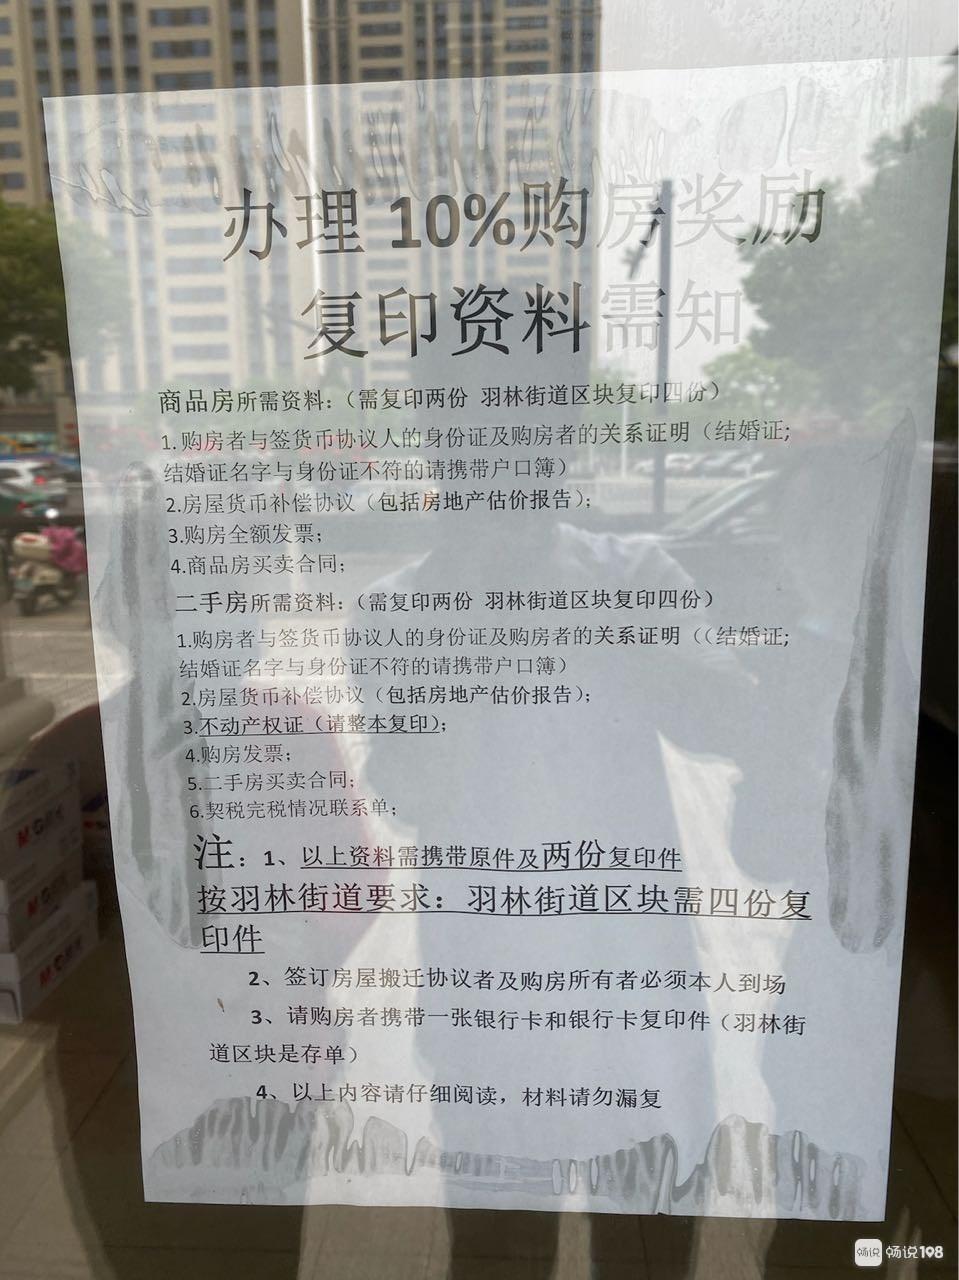 这个补贴该怎么拿?听说拆迁户有10%购房奖励,有人办过吗